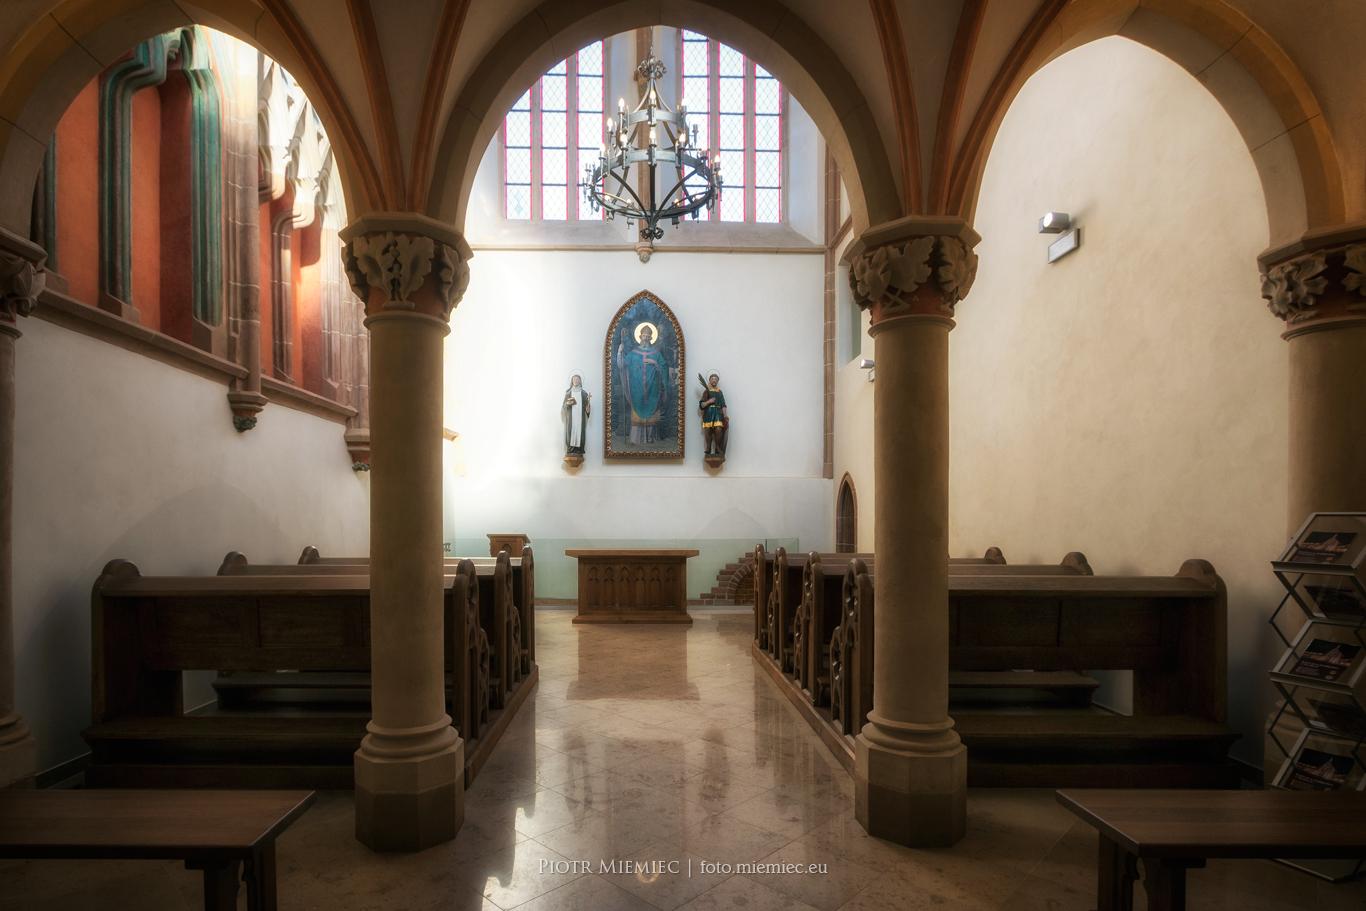 Zamek w Raciborzu - Wnętrze zamkowej kaplicy po remoncie z 2013 r.